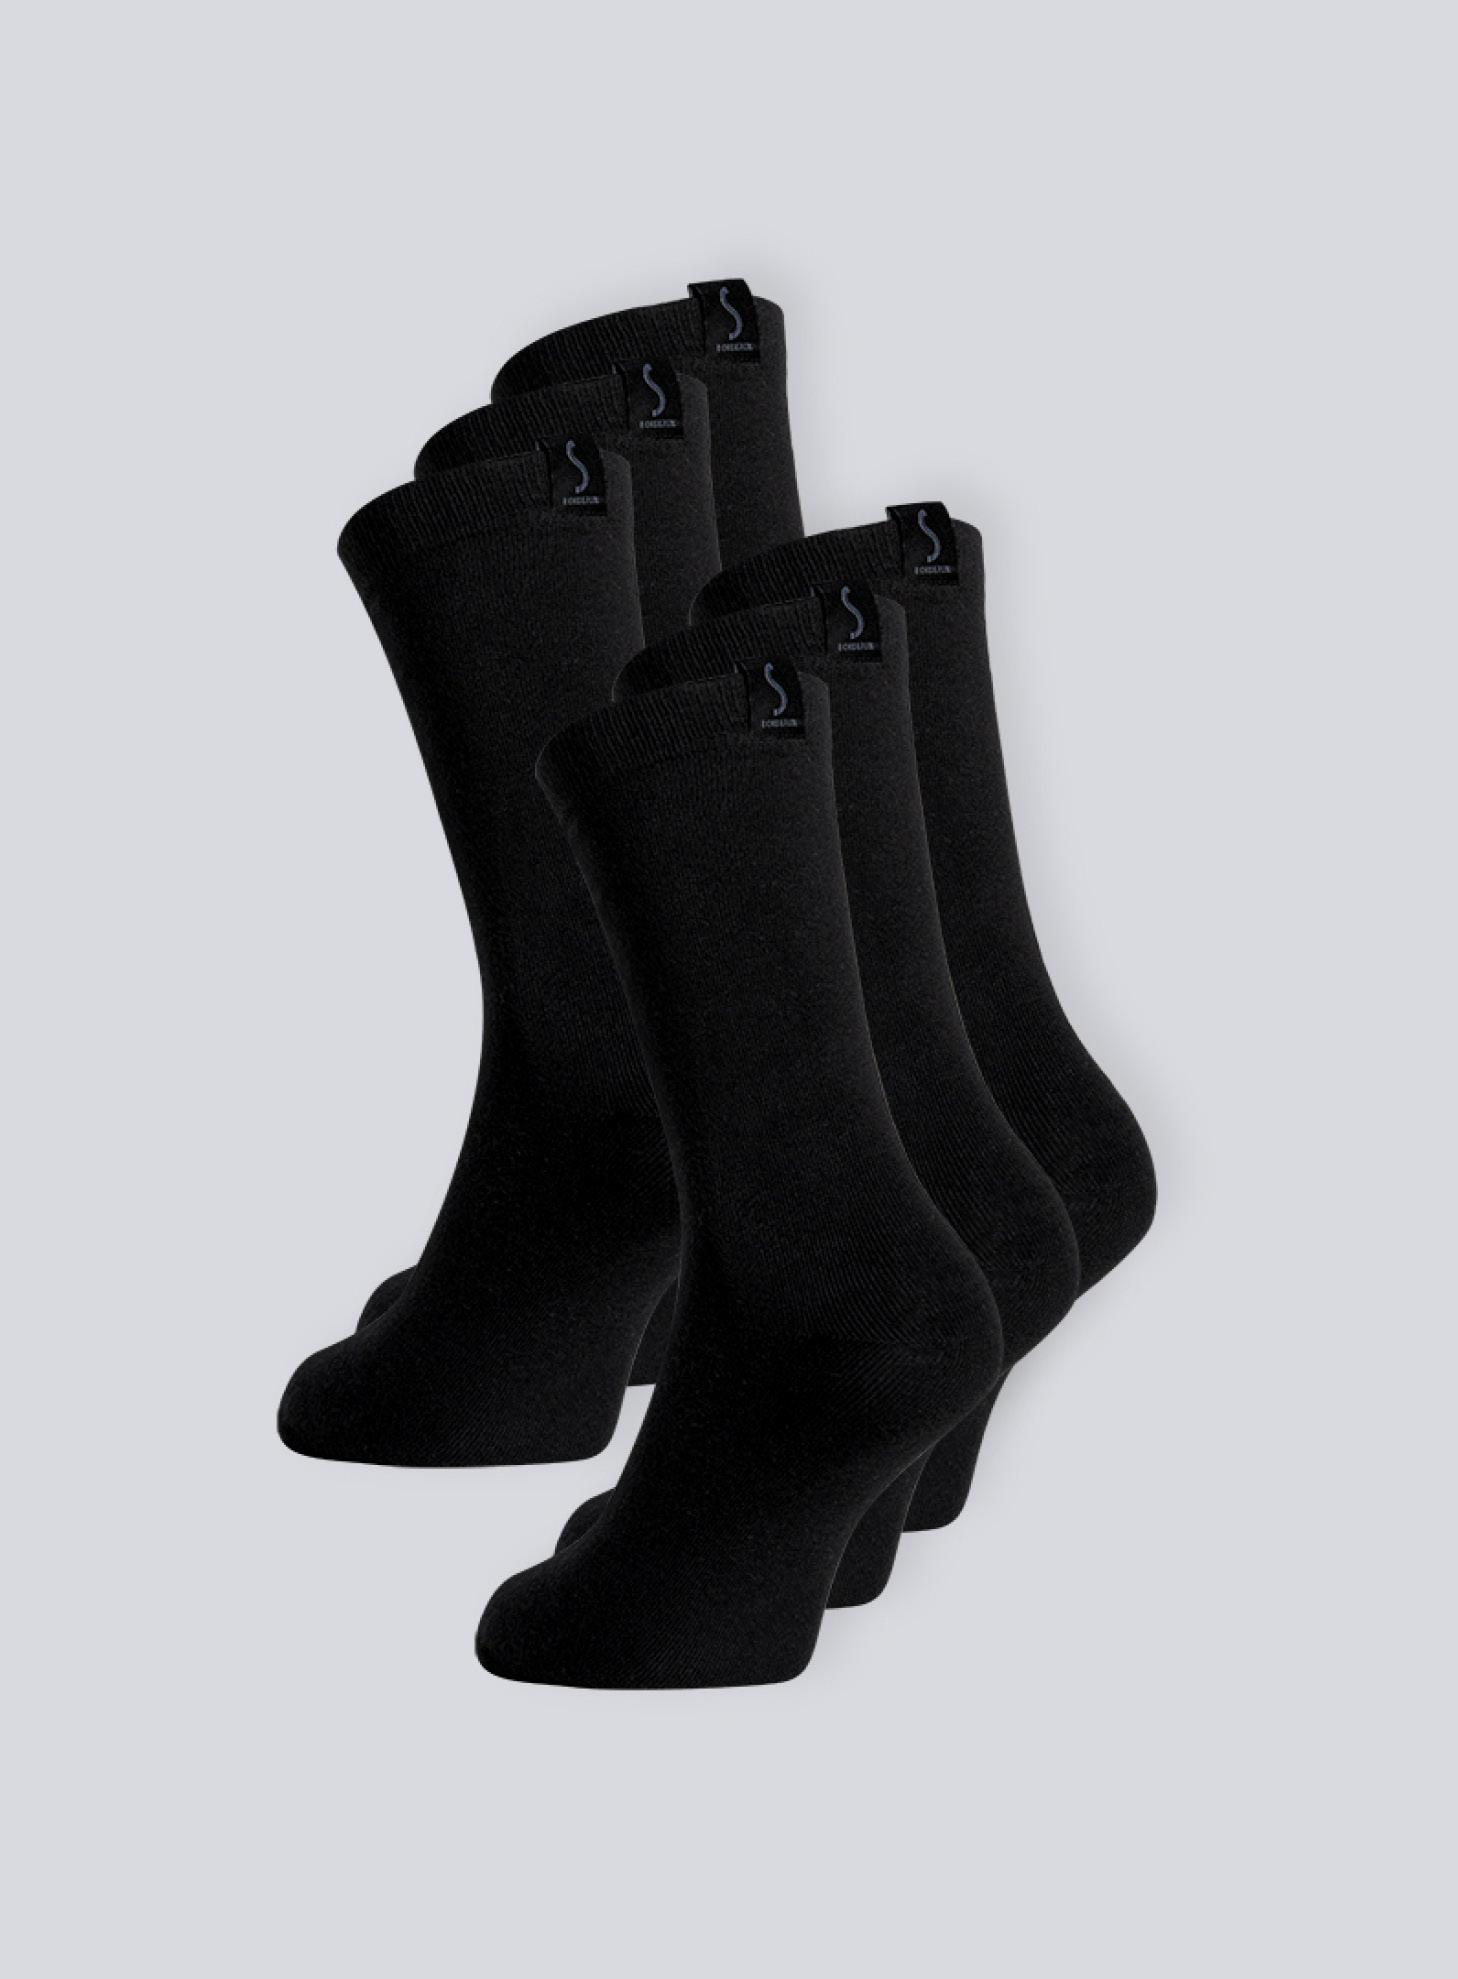 Six paires de chaussettes noirs pour homme mi-mollet de la marque S BORDEAUX